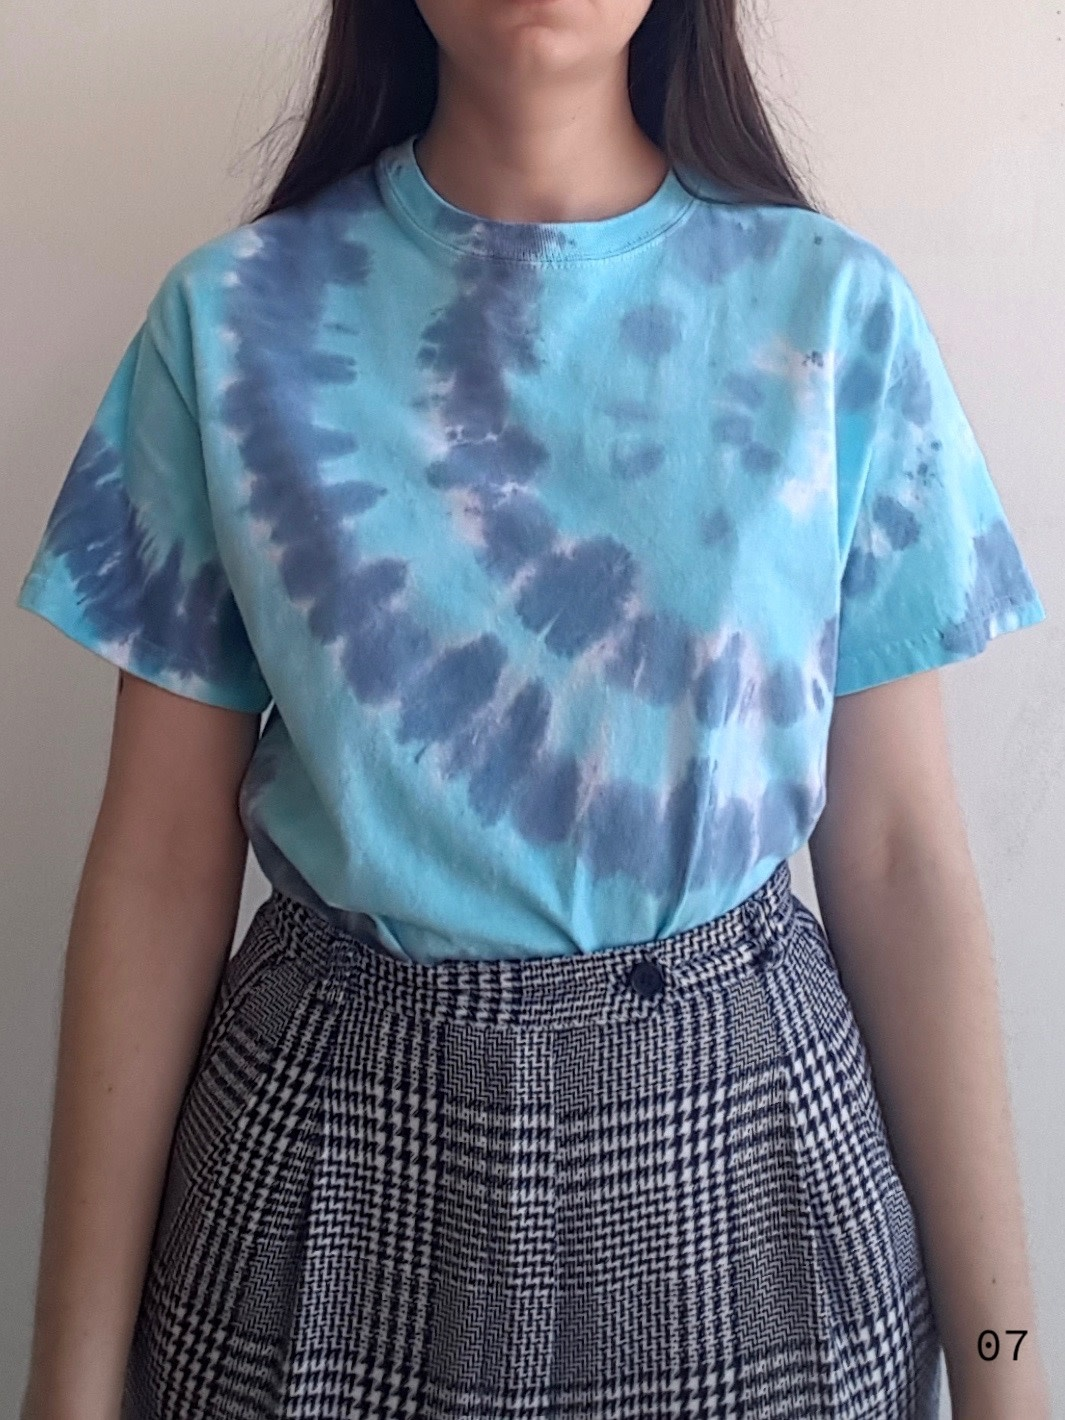 Annex Vintage Blue Tie Dye Tees